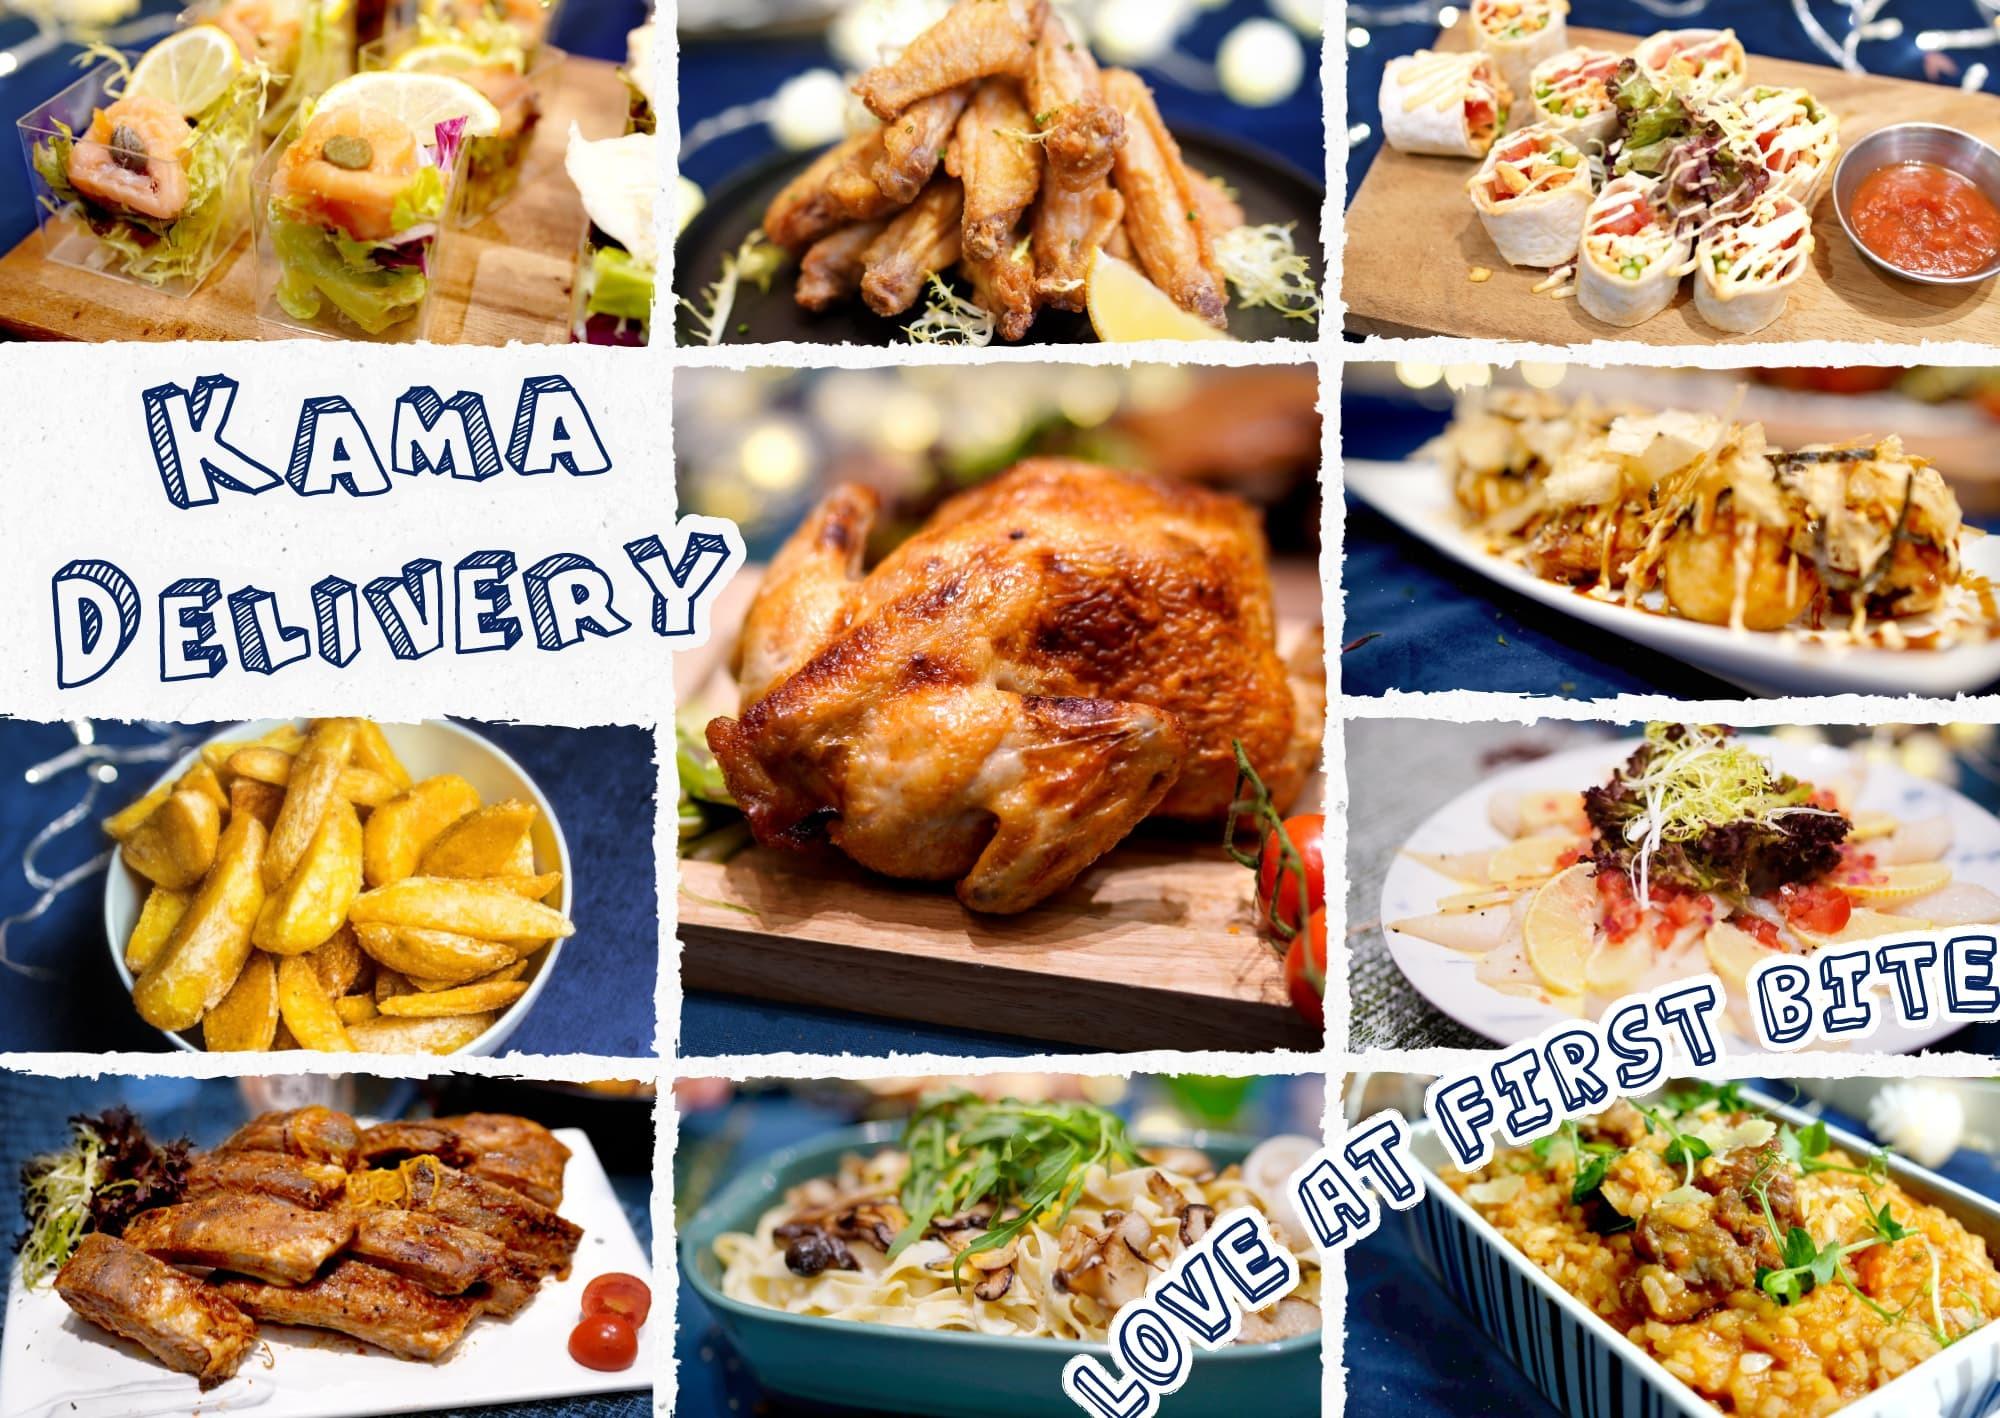 83人到會外賣.推介首選|Kama Delivery一直致力供應多元化的到會外賣服務,以合理價錢,為客人打造最合適的餐飲,迎合不同場合的外賣需求。除了外賣套餐之外,我們同樣設有過百款的單點食品,包括沙律、小食、肉類、海鮮、飲品等等,大量美食任君選擇。